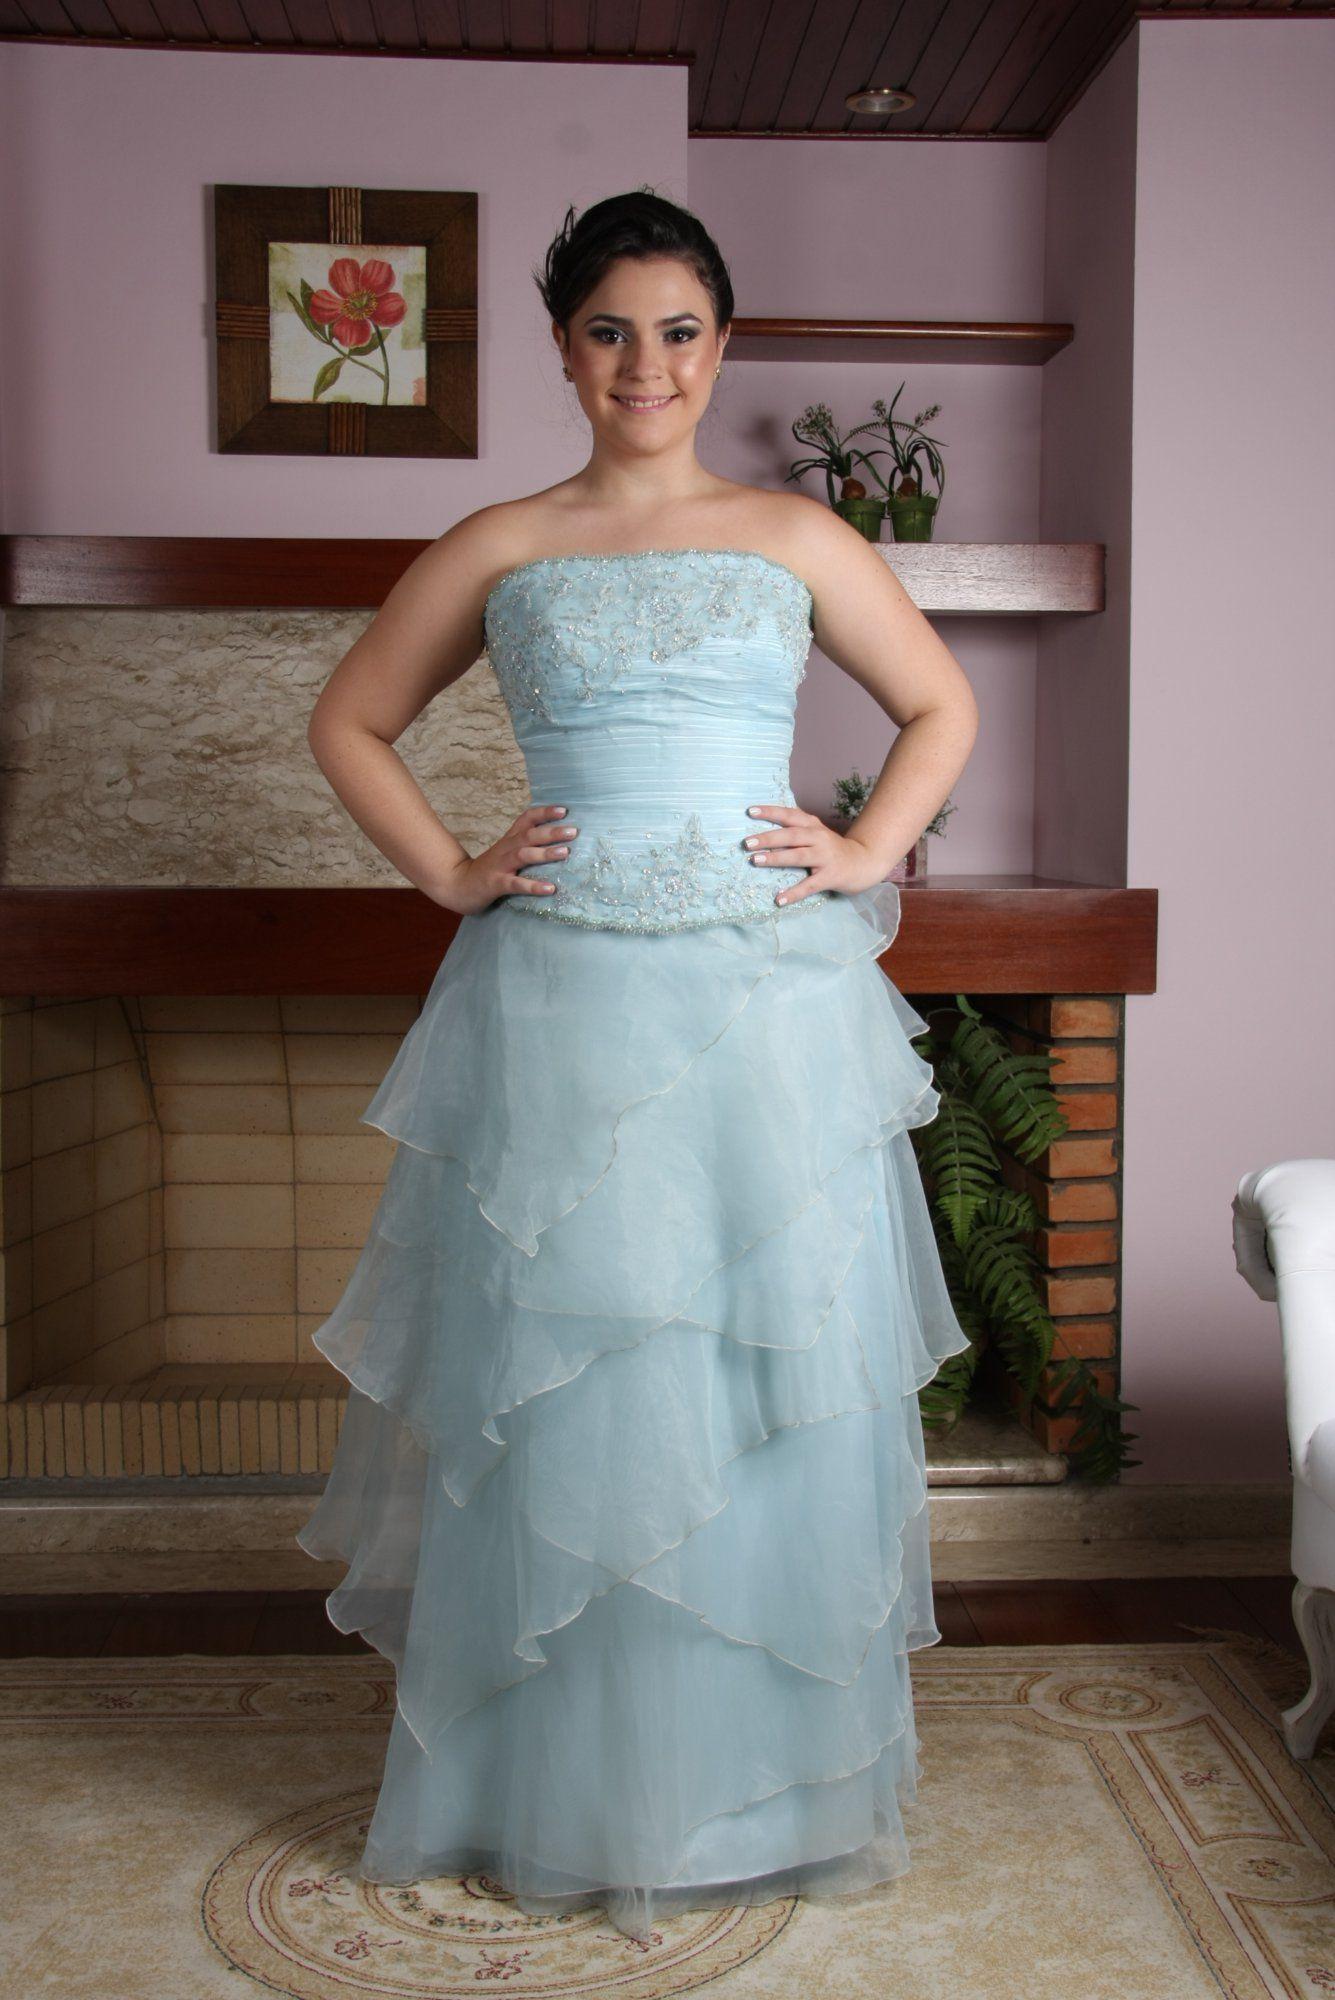 Vestido de Debutante Azul - 6 - Hipnose Alta Costura e Spa para Noivas e Noivos - Campinas - SP Vestido de Debutante, Vestido de Debutante Azul, Hipnose Alta Costura